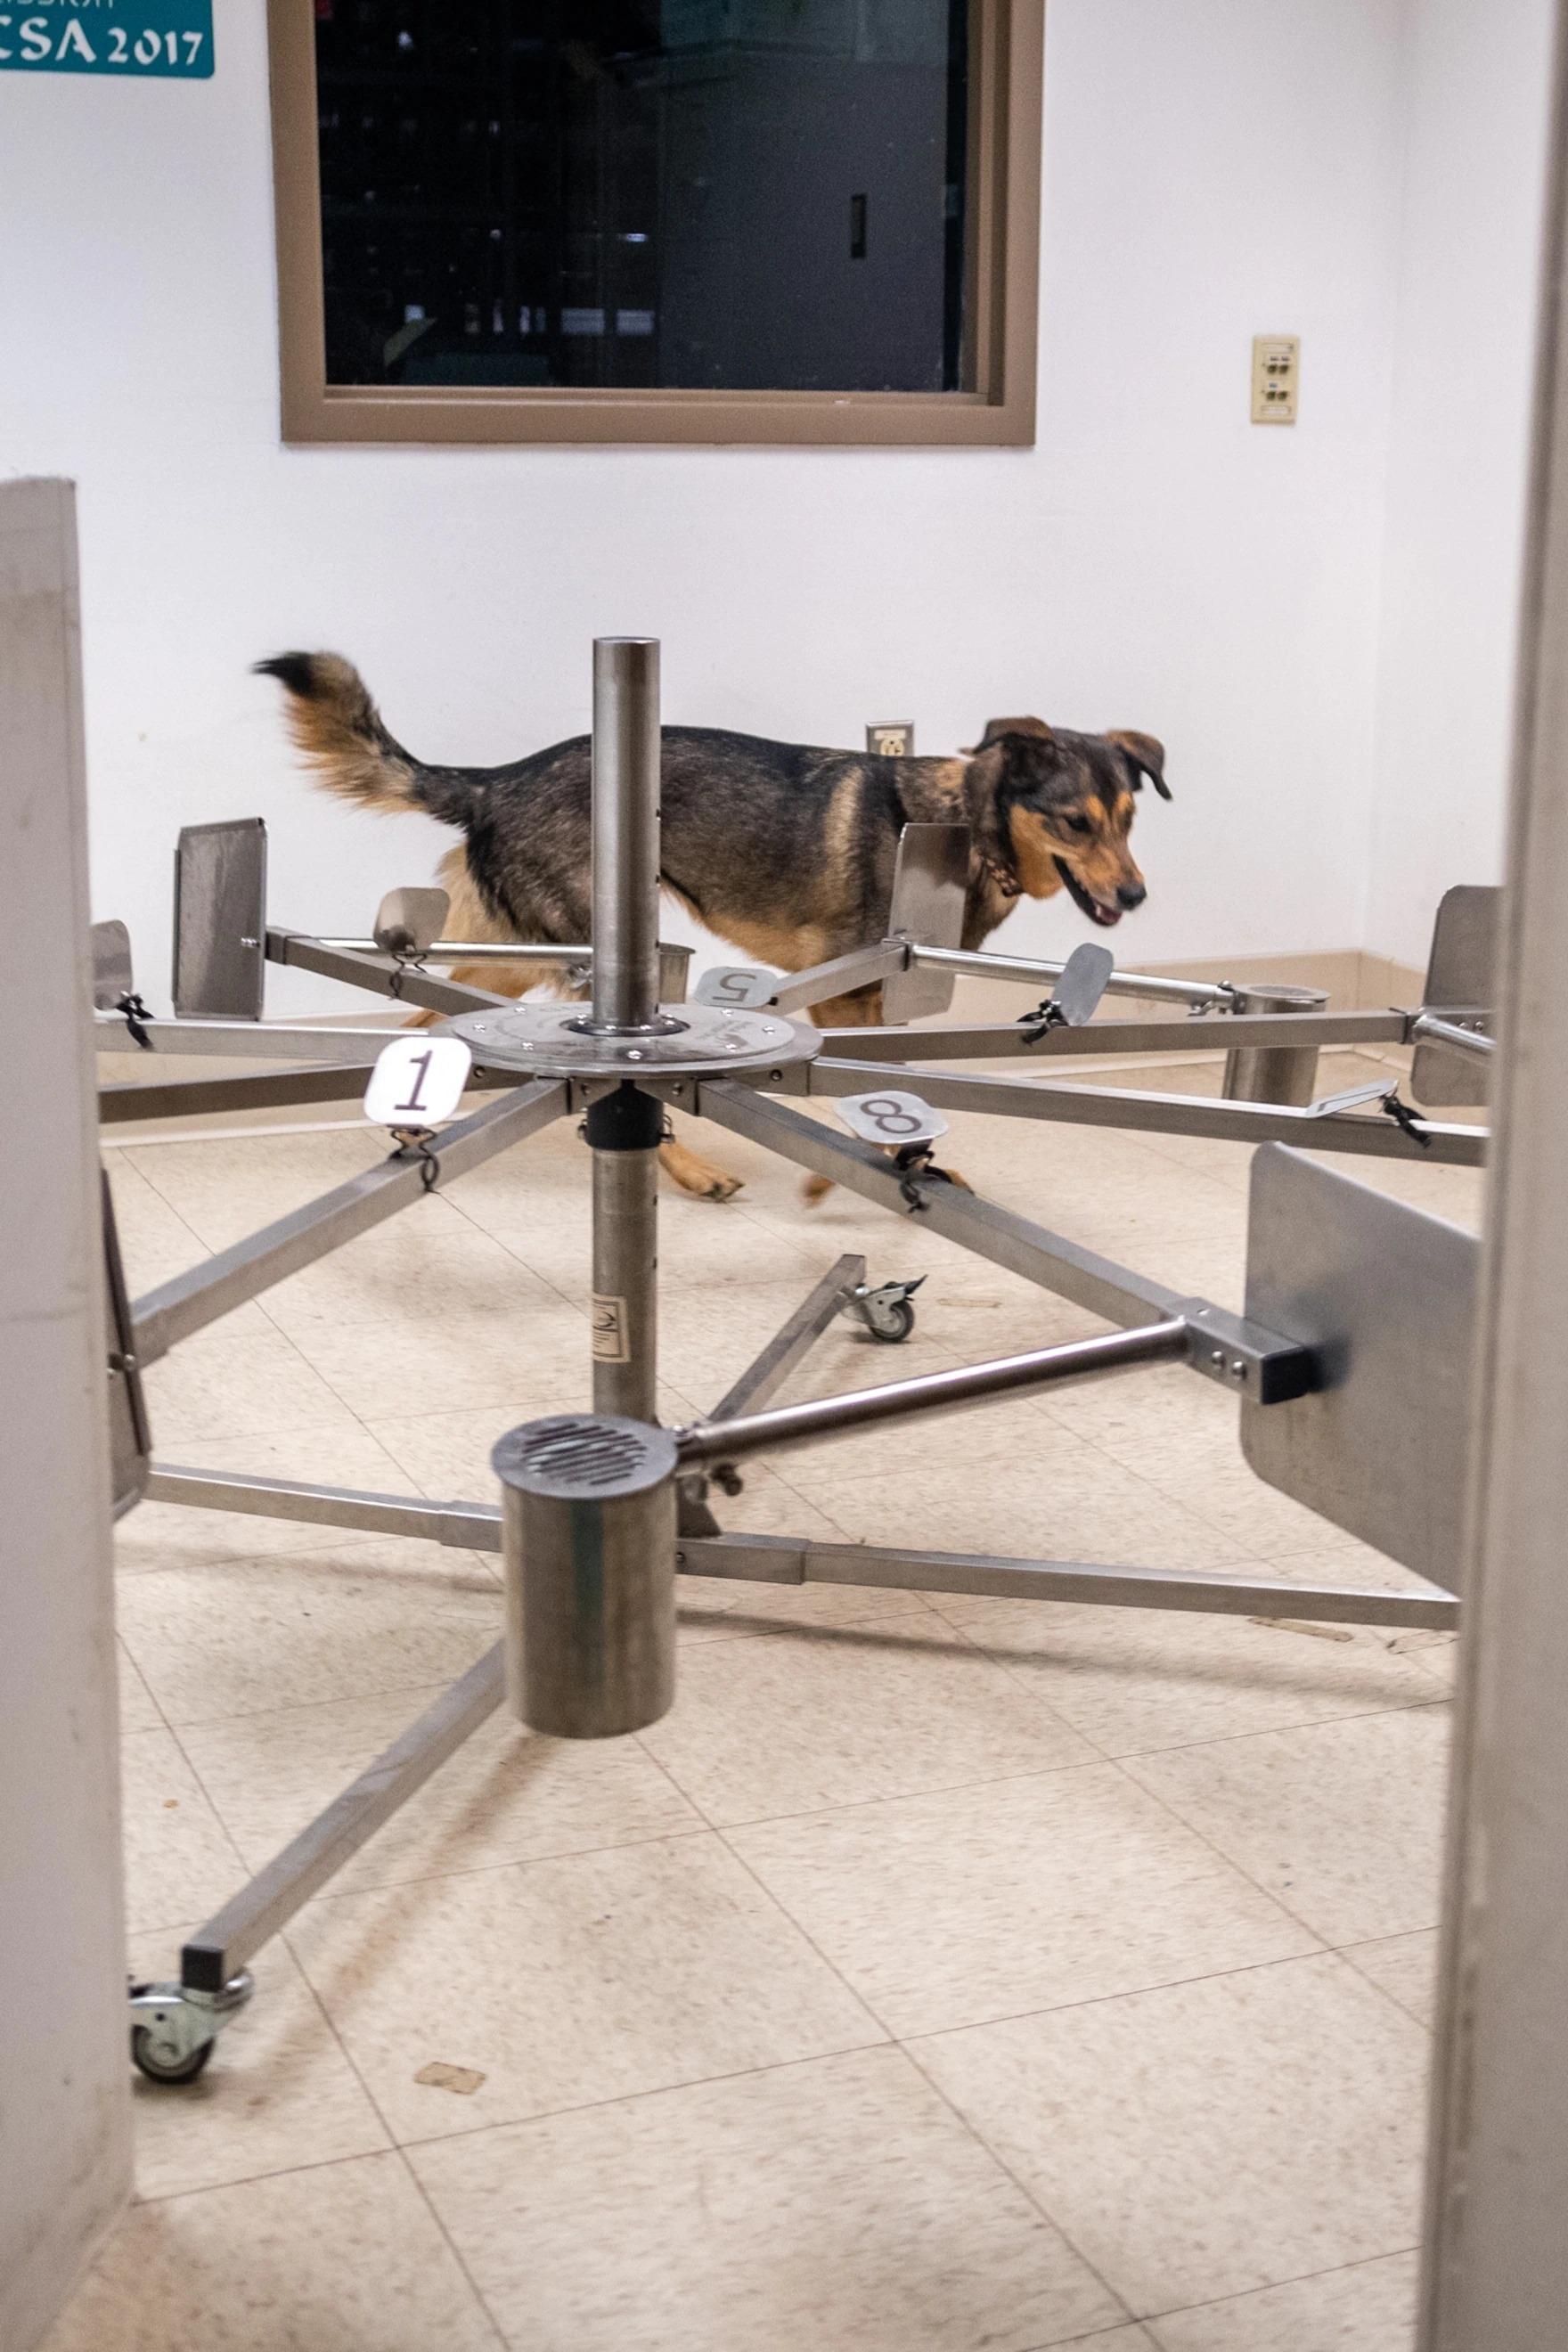 圖卡是一隻混合德國牧羊犬、哈士奇和邊境牧羊犬血統的混種犬,牠在輪子旁邊練習病毒偵測技巧。